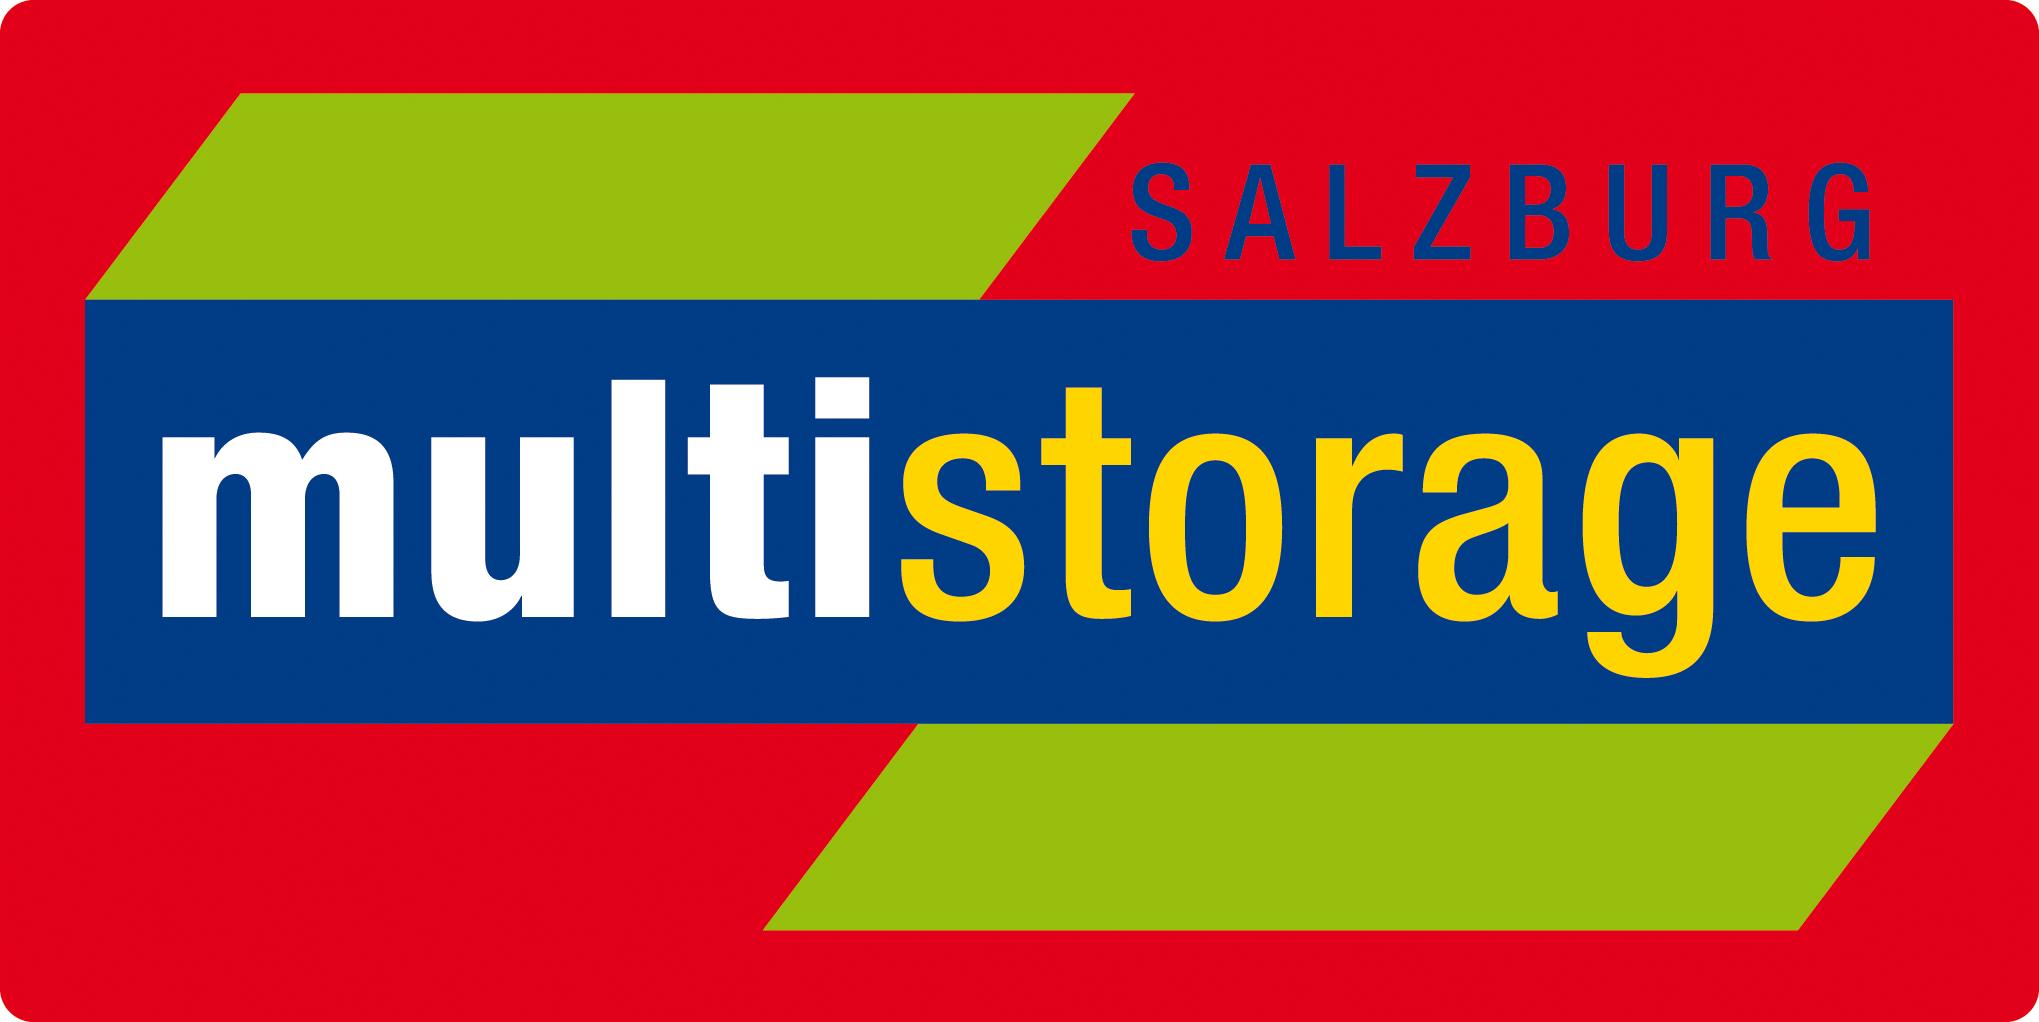 Multistorage Salzburg